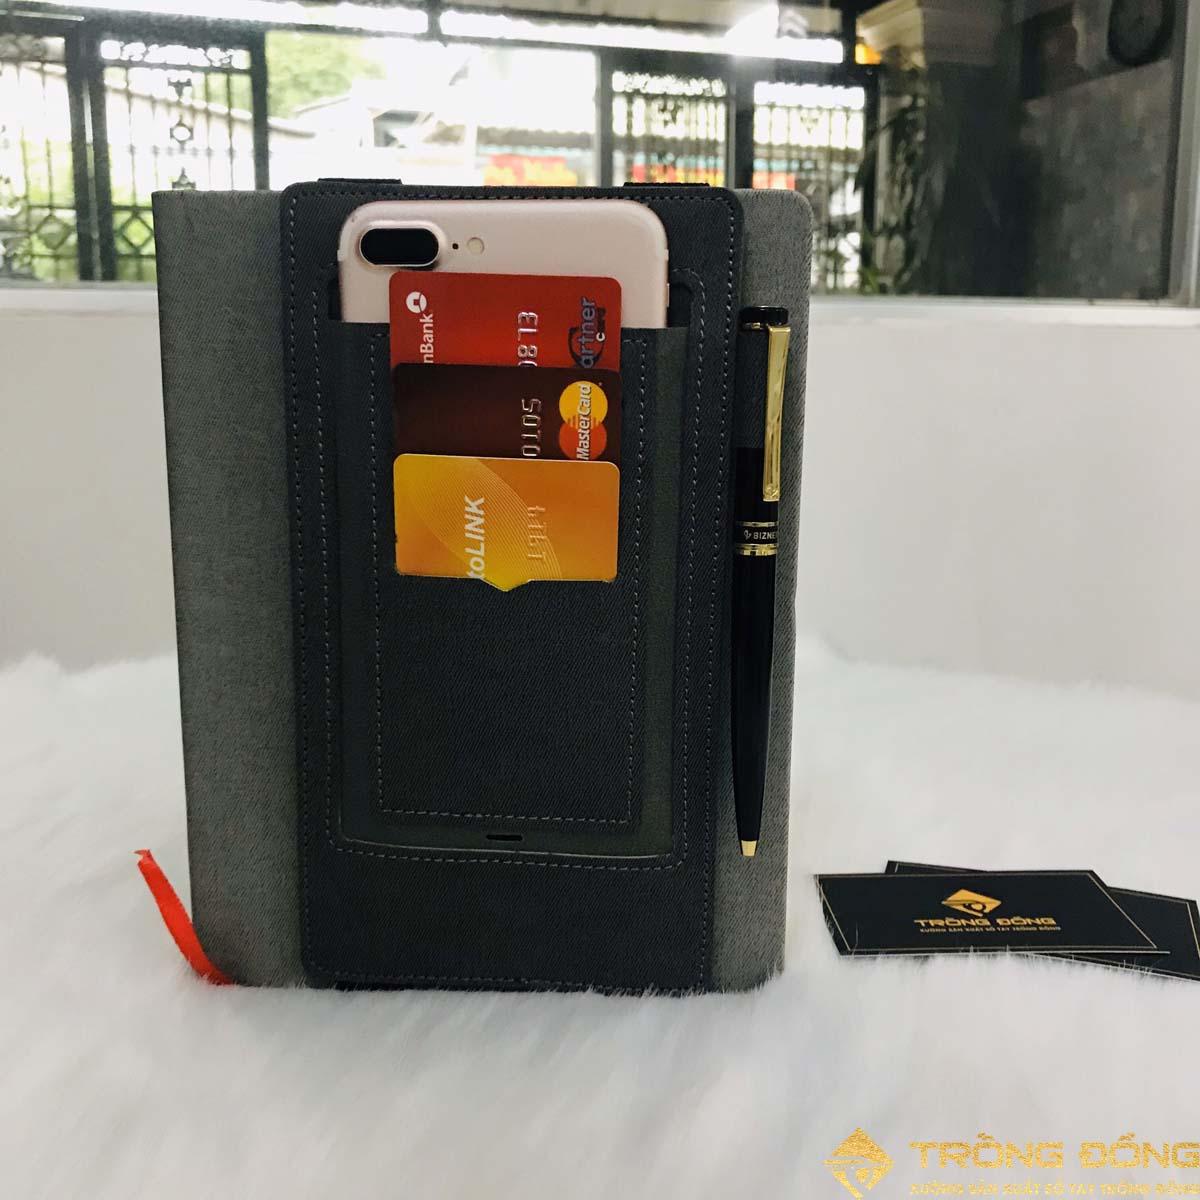 Ngăn đựng chứa thẻ ATM, card visit, điện thoạ và bút một cách tiện lợi